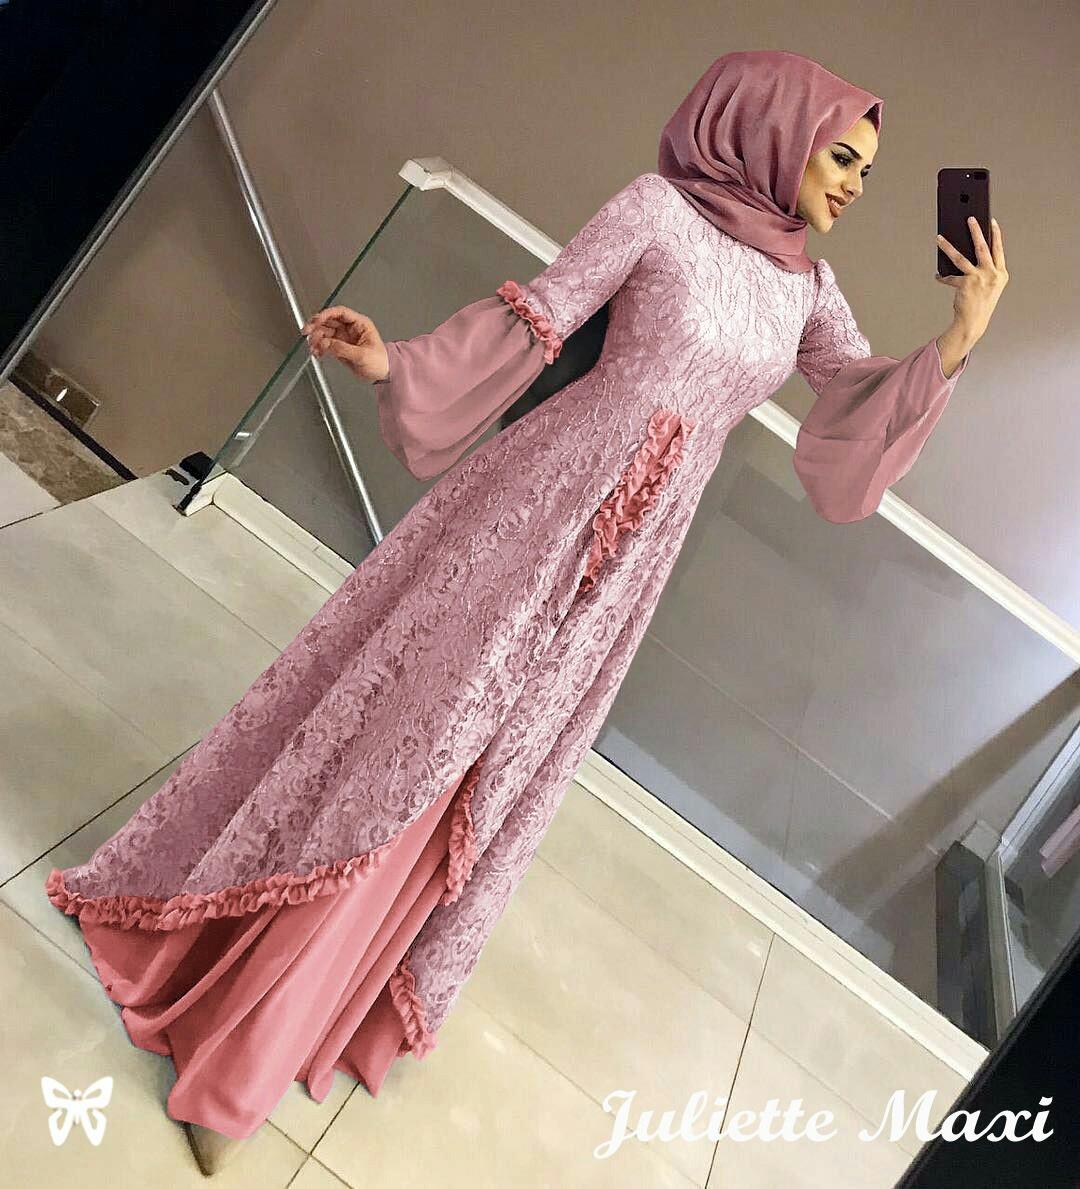 BE COLLECTION baju gamis Juliette maxi cantik anggun fashion wanita terkini  Gamis Wanita Hijab - Gamis Mewah - Gamis Elegan - Gamis Simple - Gamis